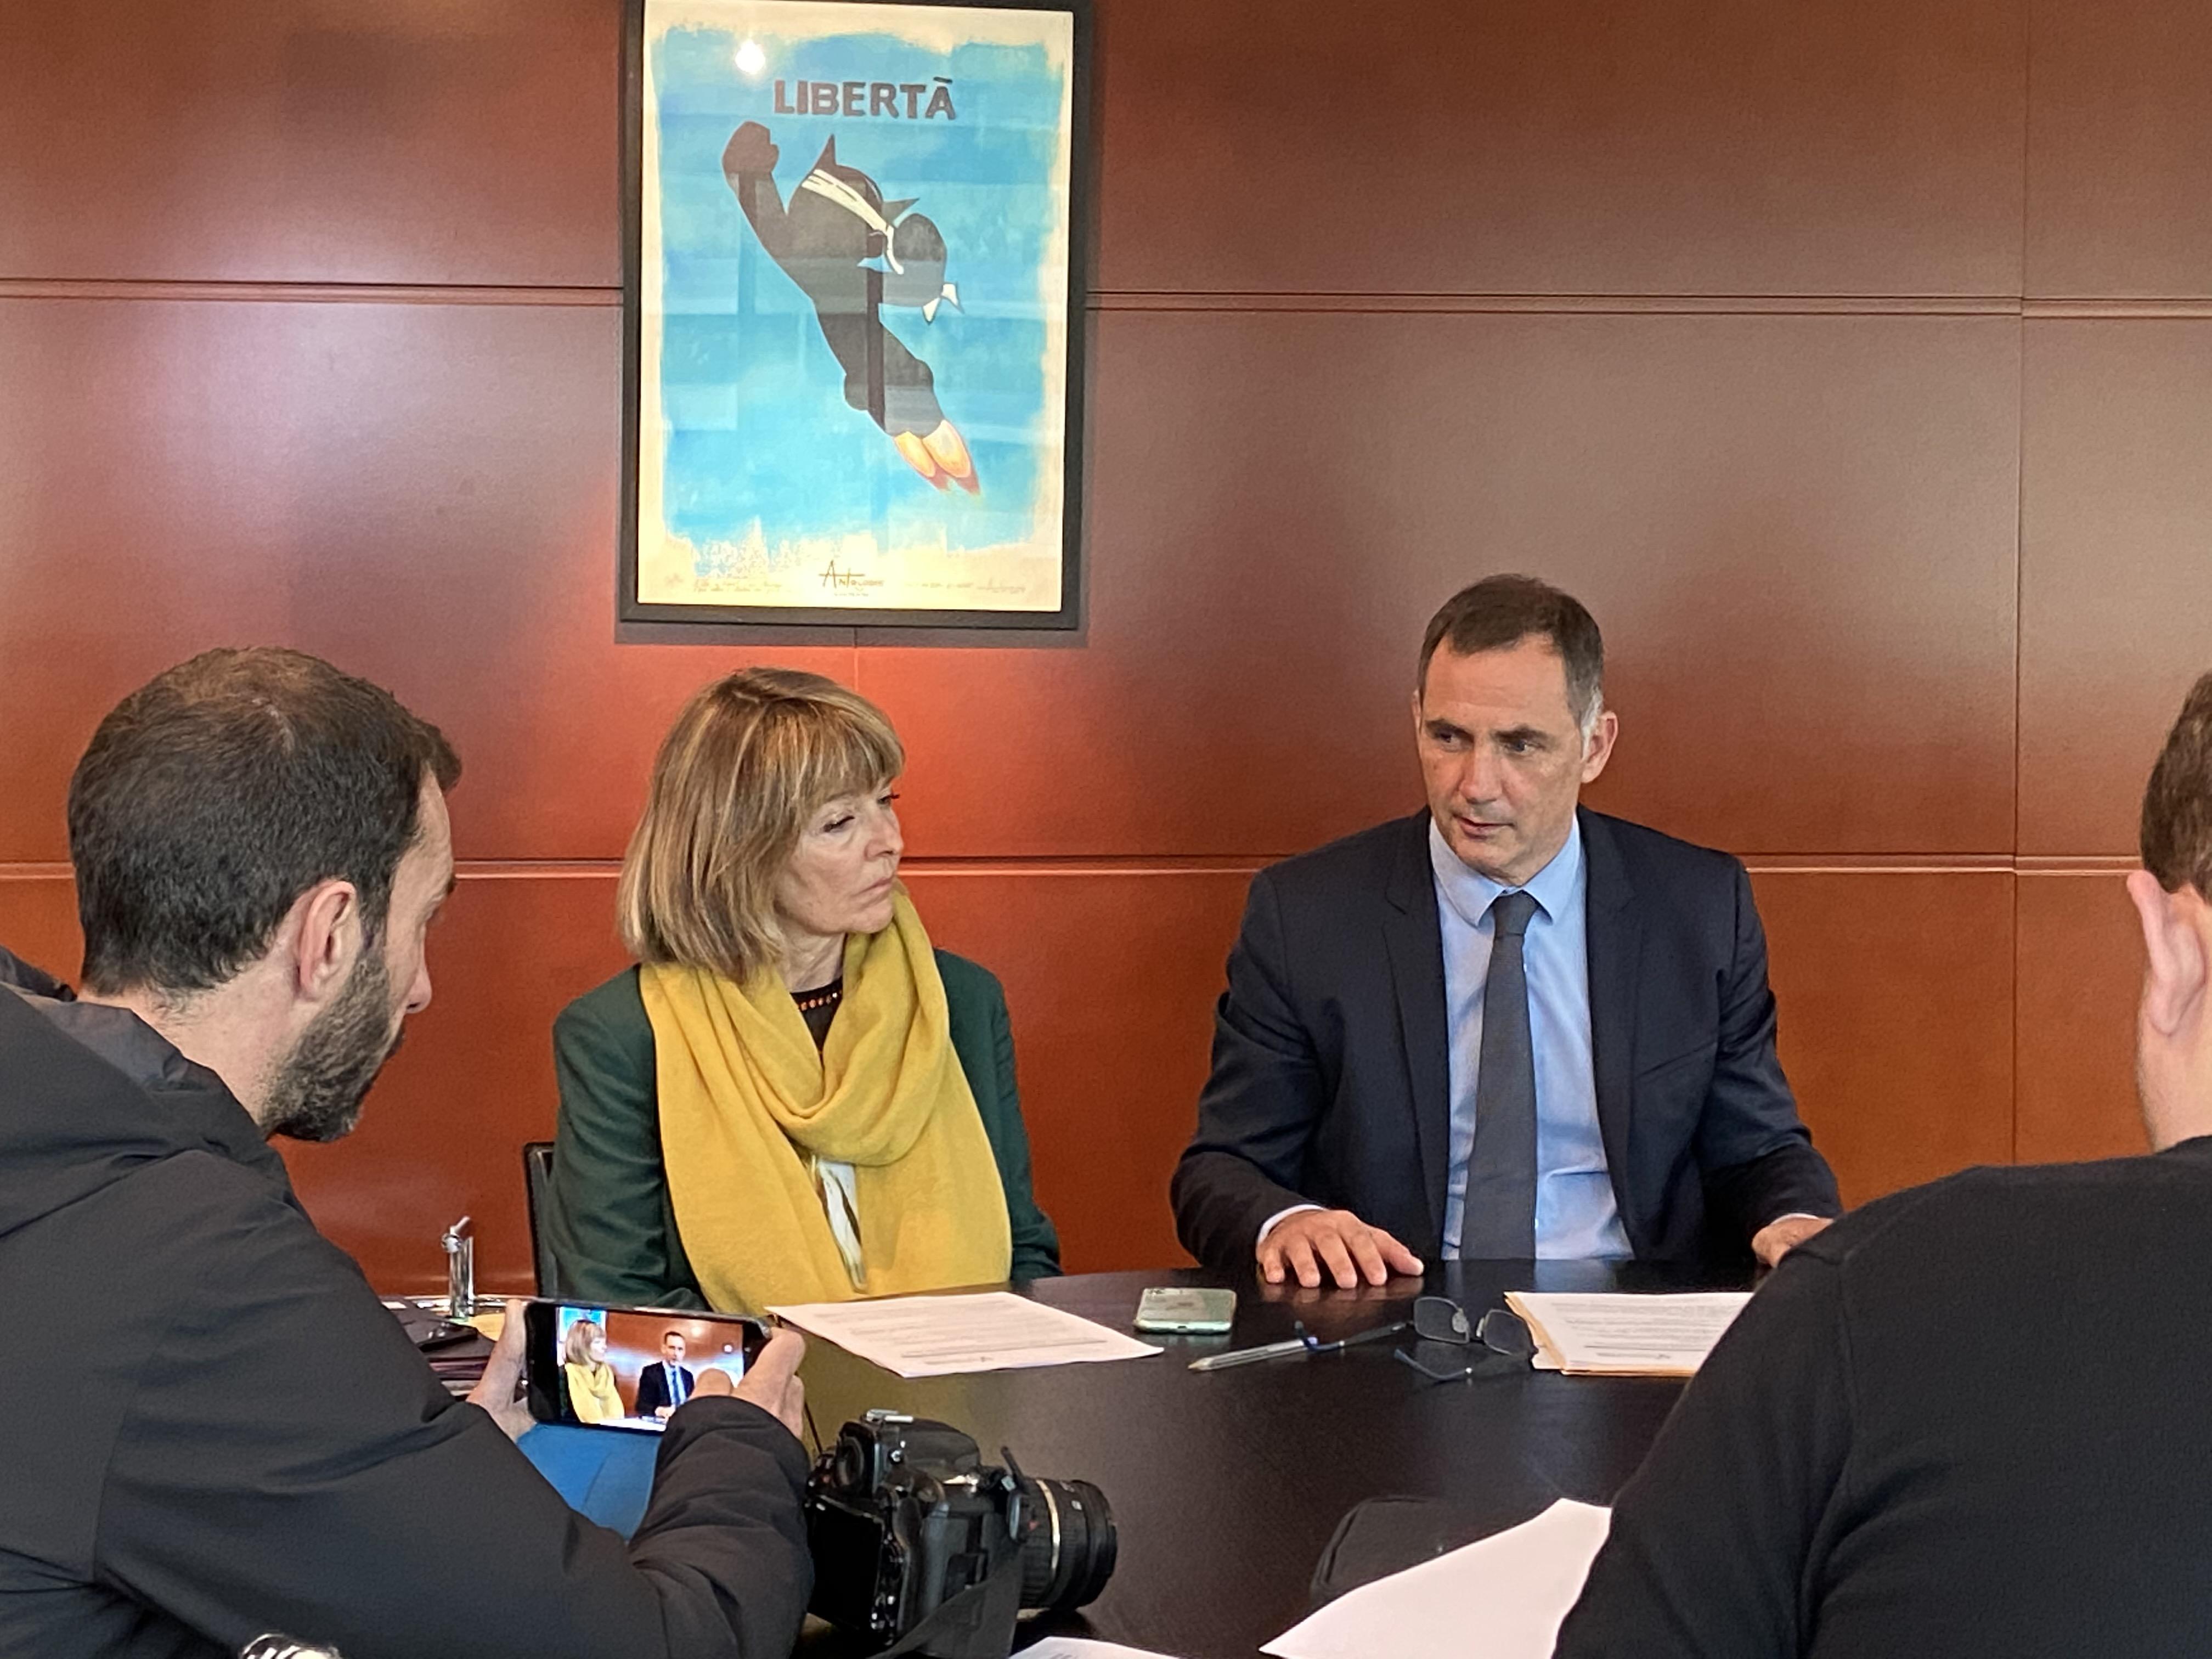 U Pianu in dece punti prupostu da u Cunsigliu Esecutivu di Corsica per fà fronte à u Coronavirus - Le Conseil exécutif de Corse propose un plan en 10 mesures pour lutter contre le Coronavirus